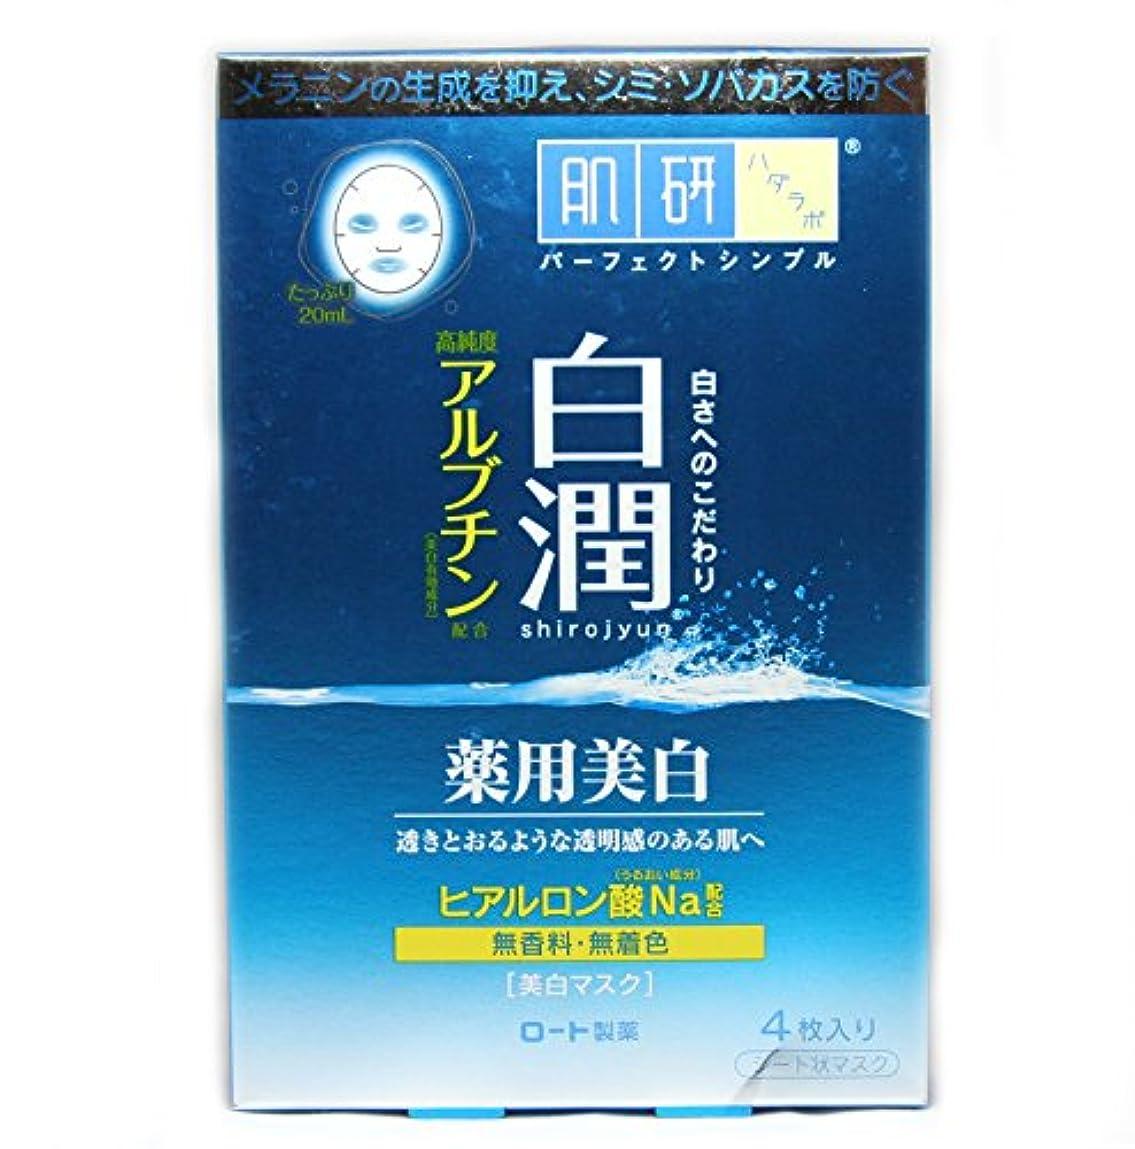 統合里親明らかに肌研白潤薬用美白マスク